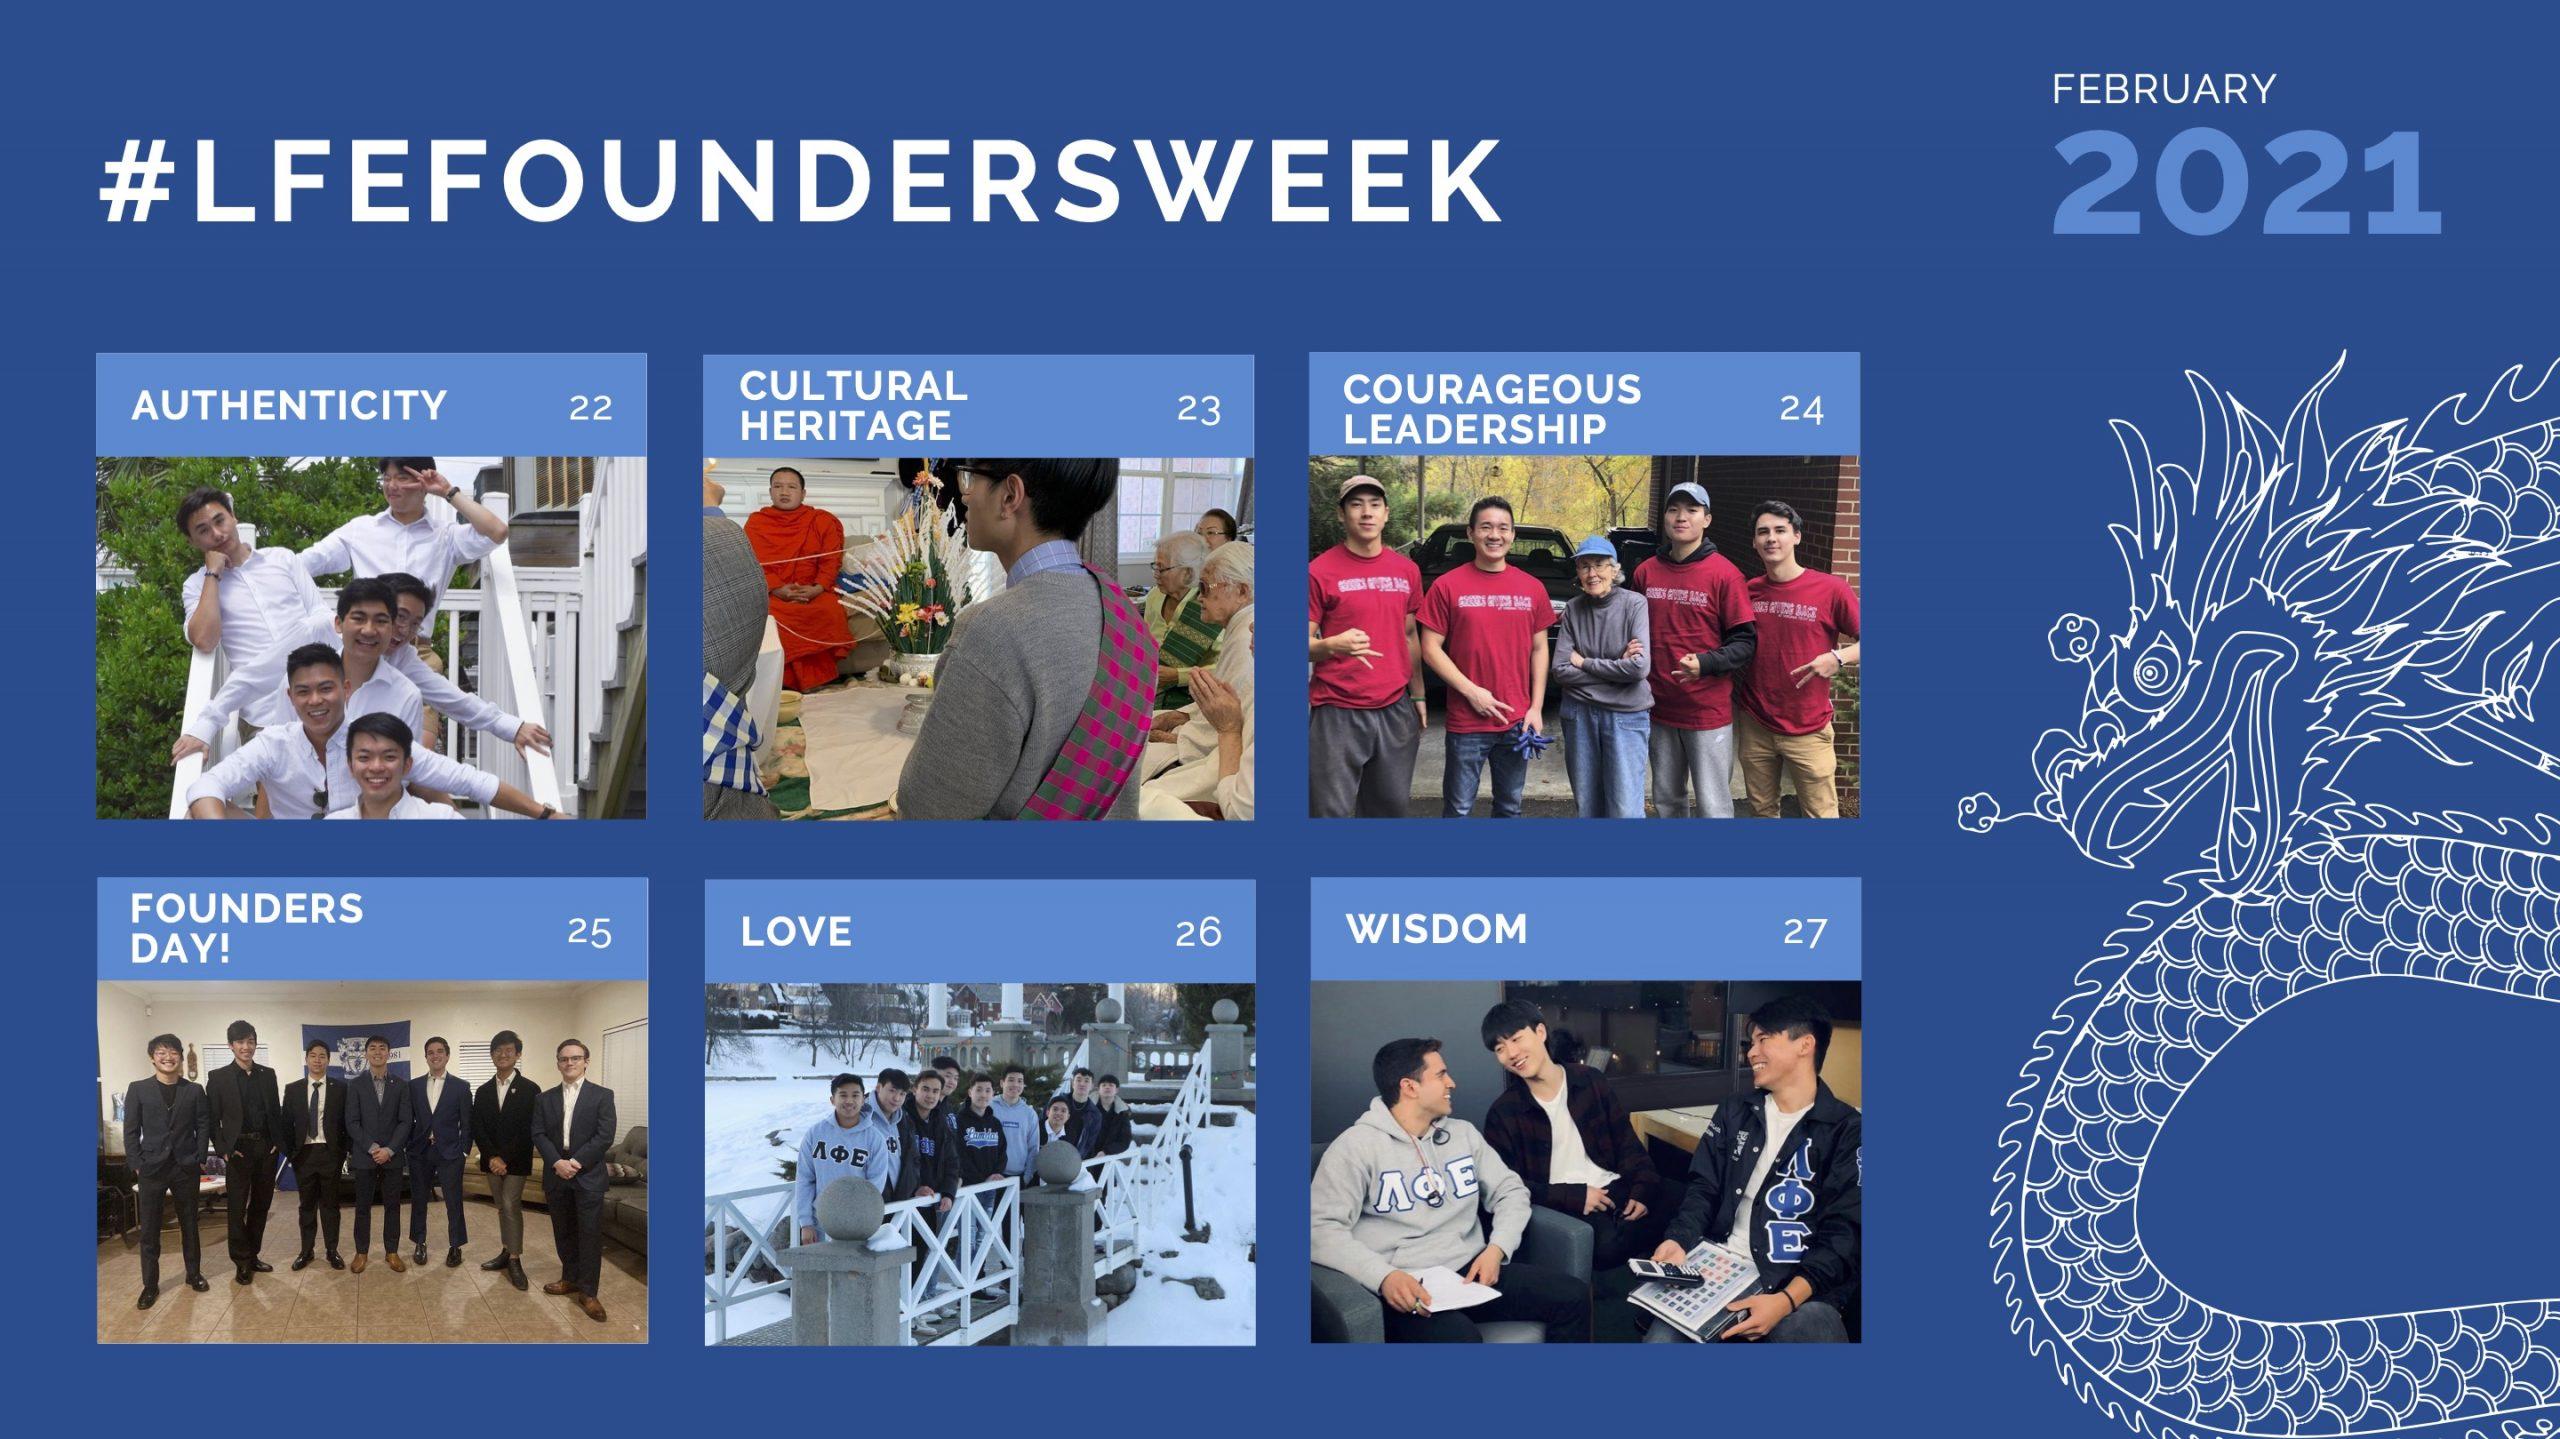 Founders Week 2021 Weekly Collage